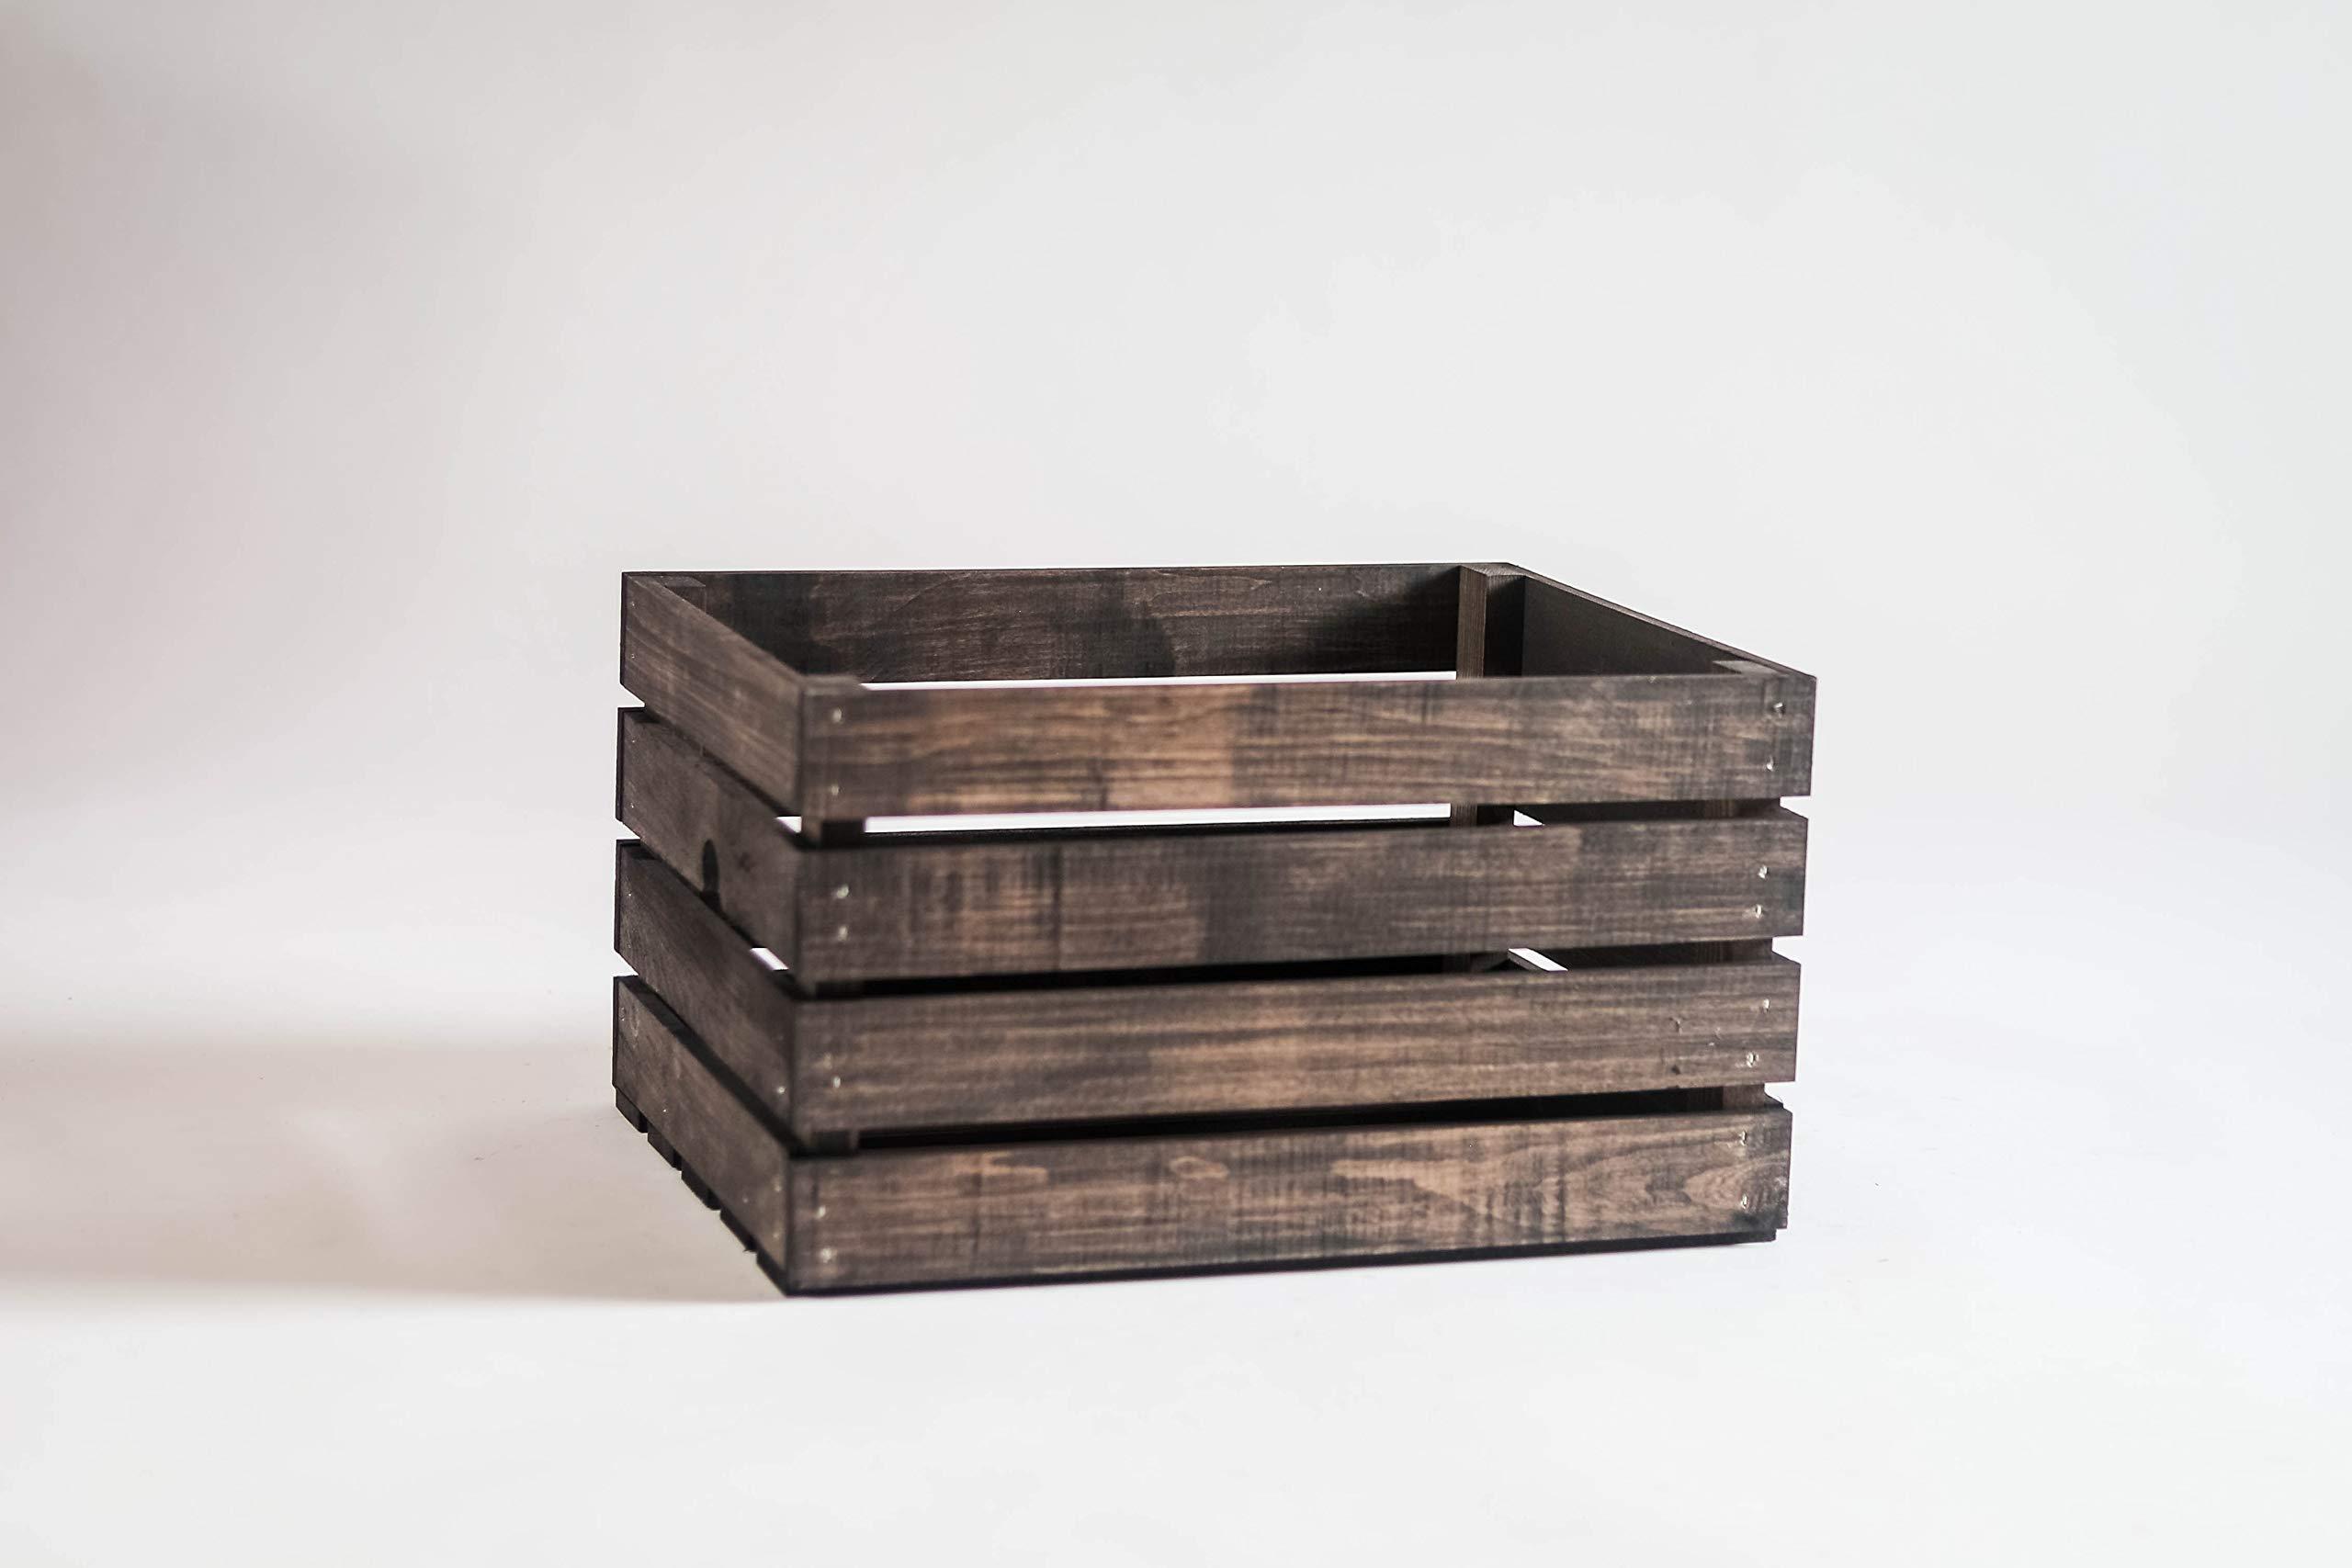 Darla'Studio 66 Vintage Stained Rustic Wood Crate by Darla'Studio 66